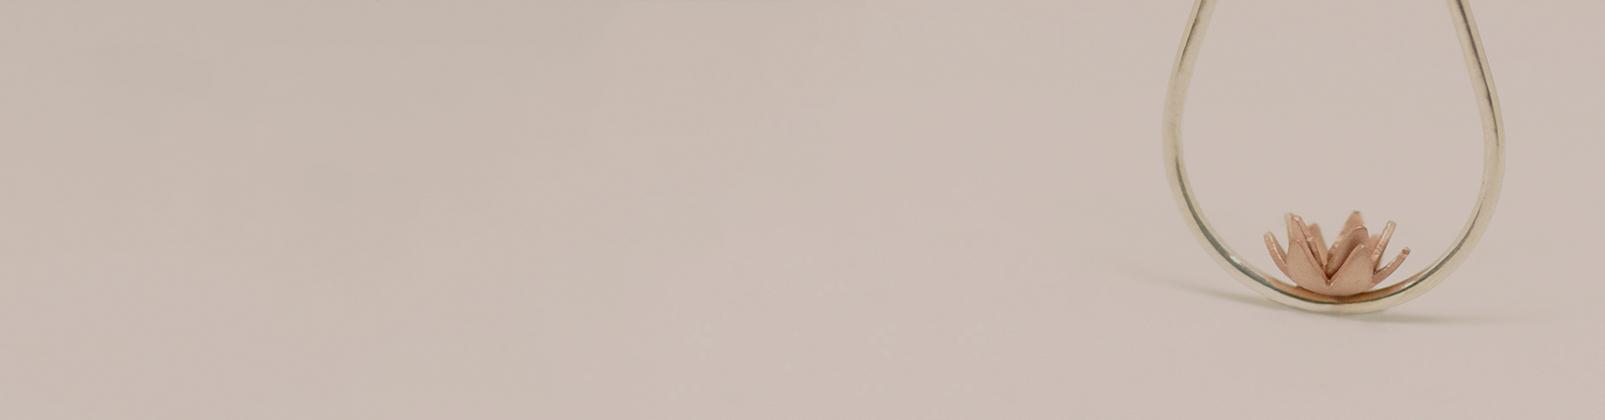 elisa-paiva